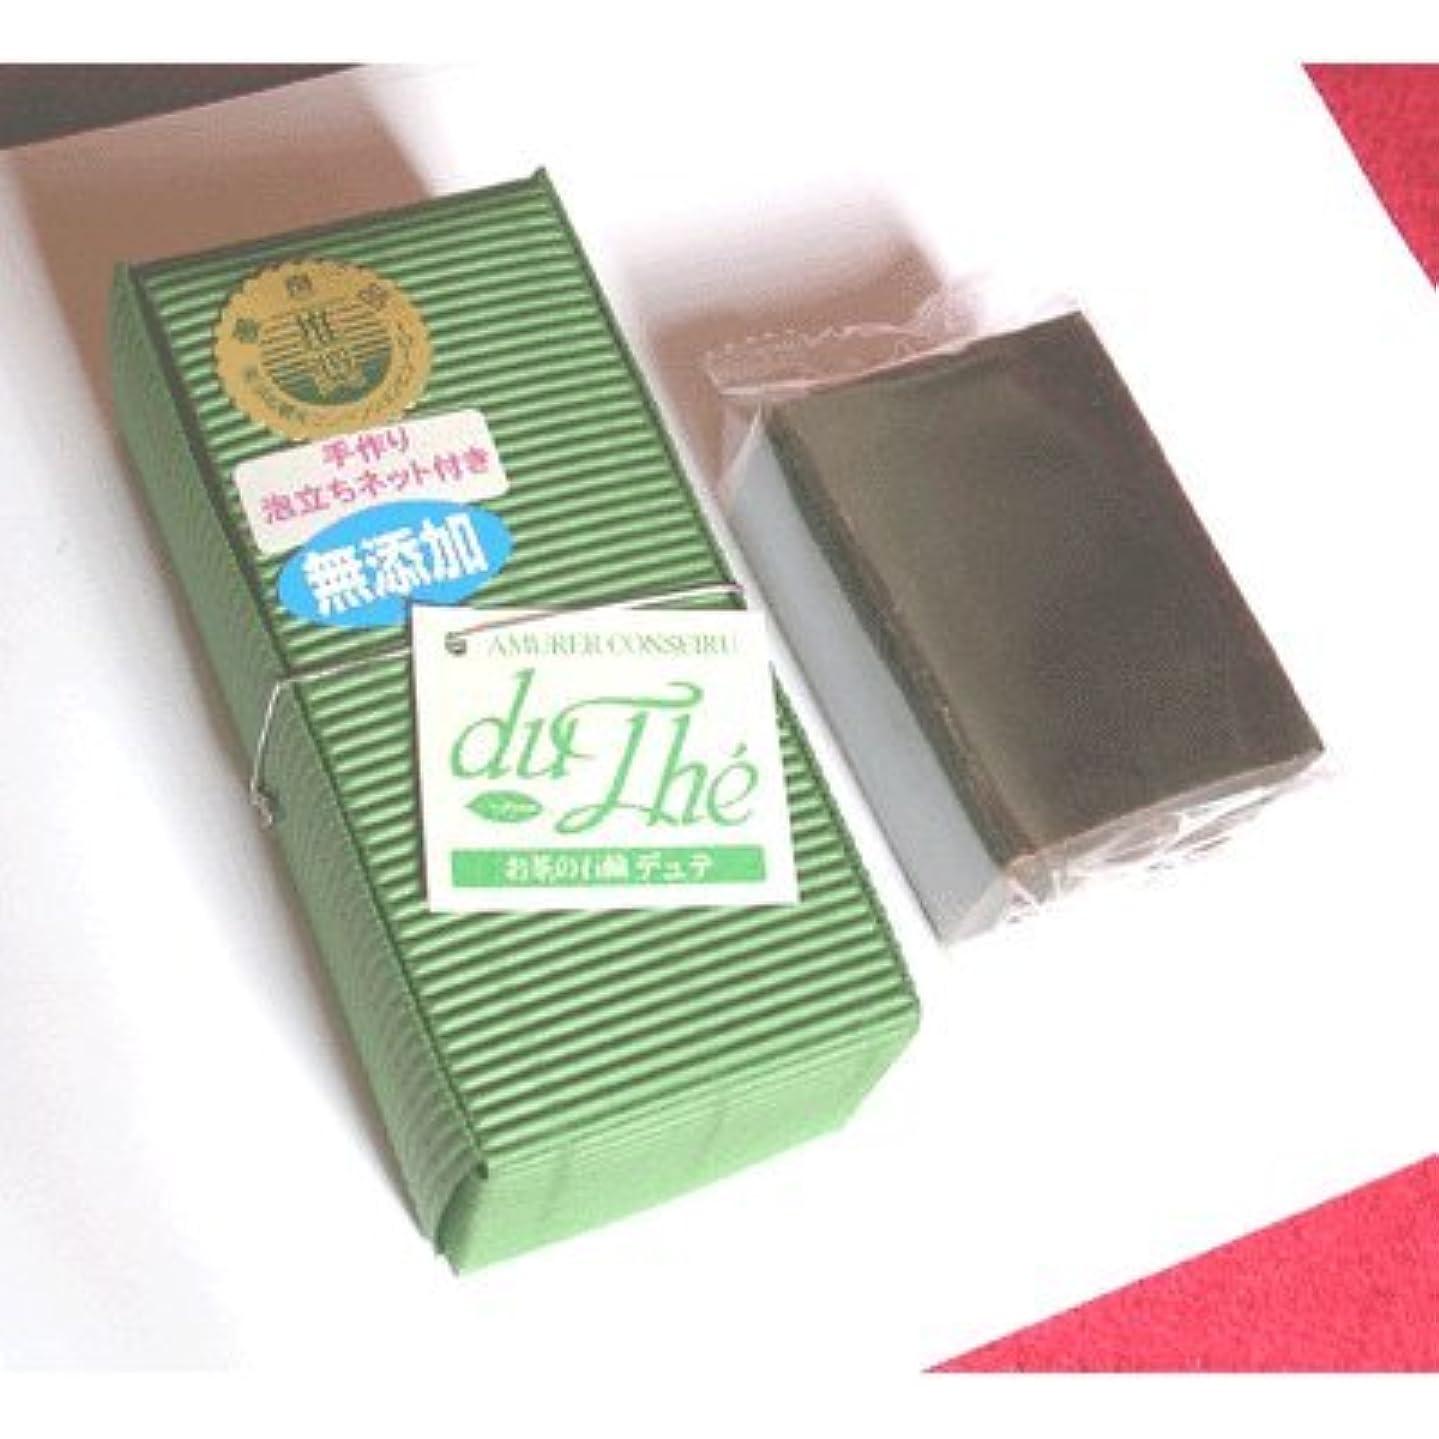 ソビエト俳優内なるデュテお茶の石鹸120g 泡立てネット付